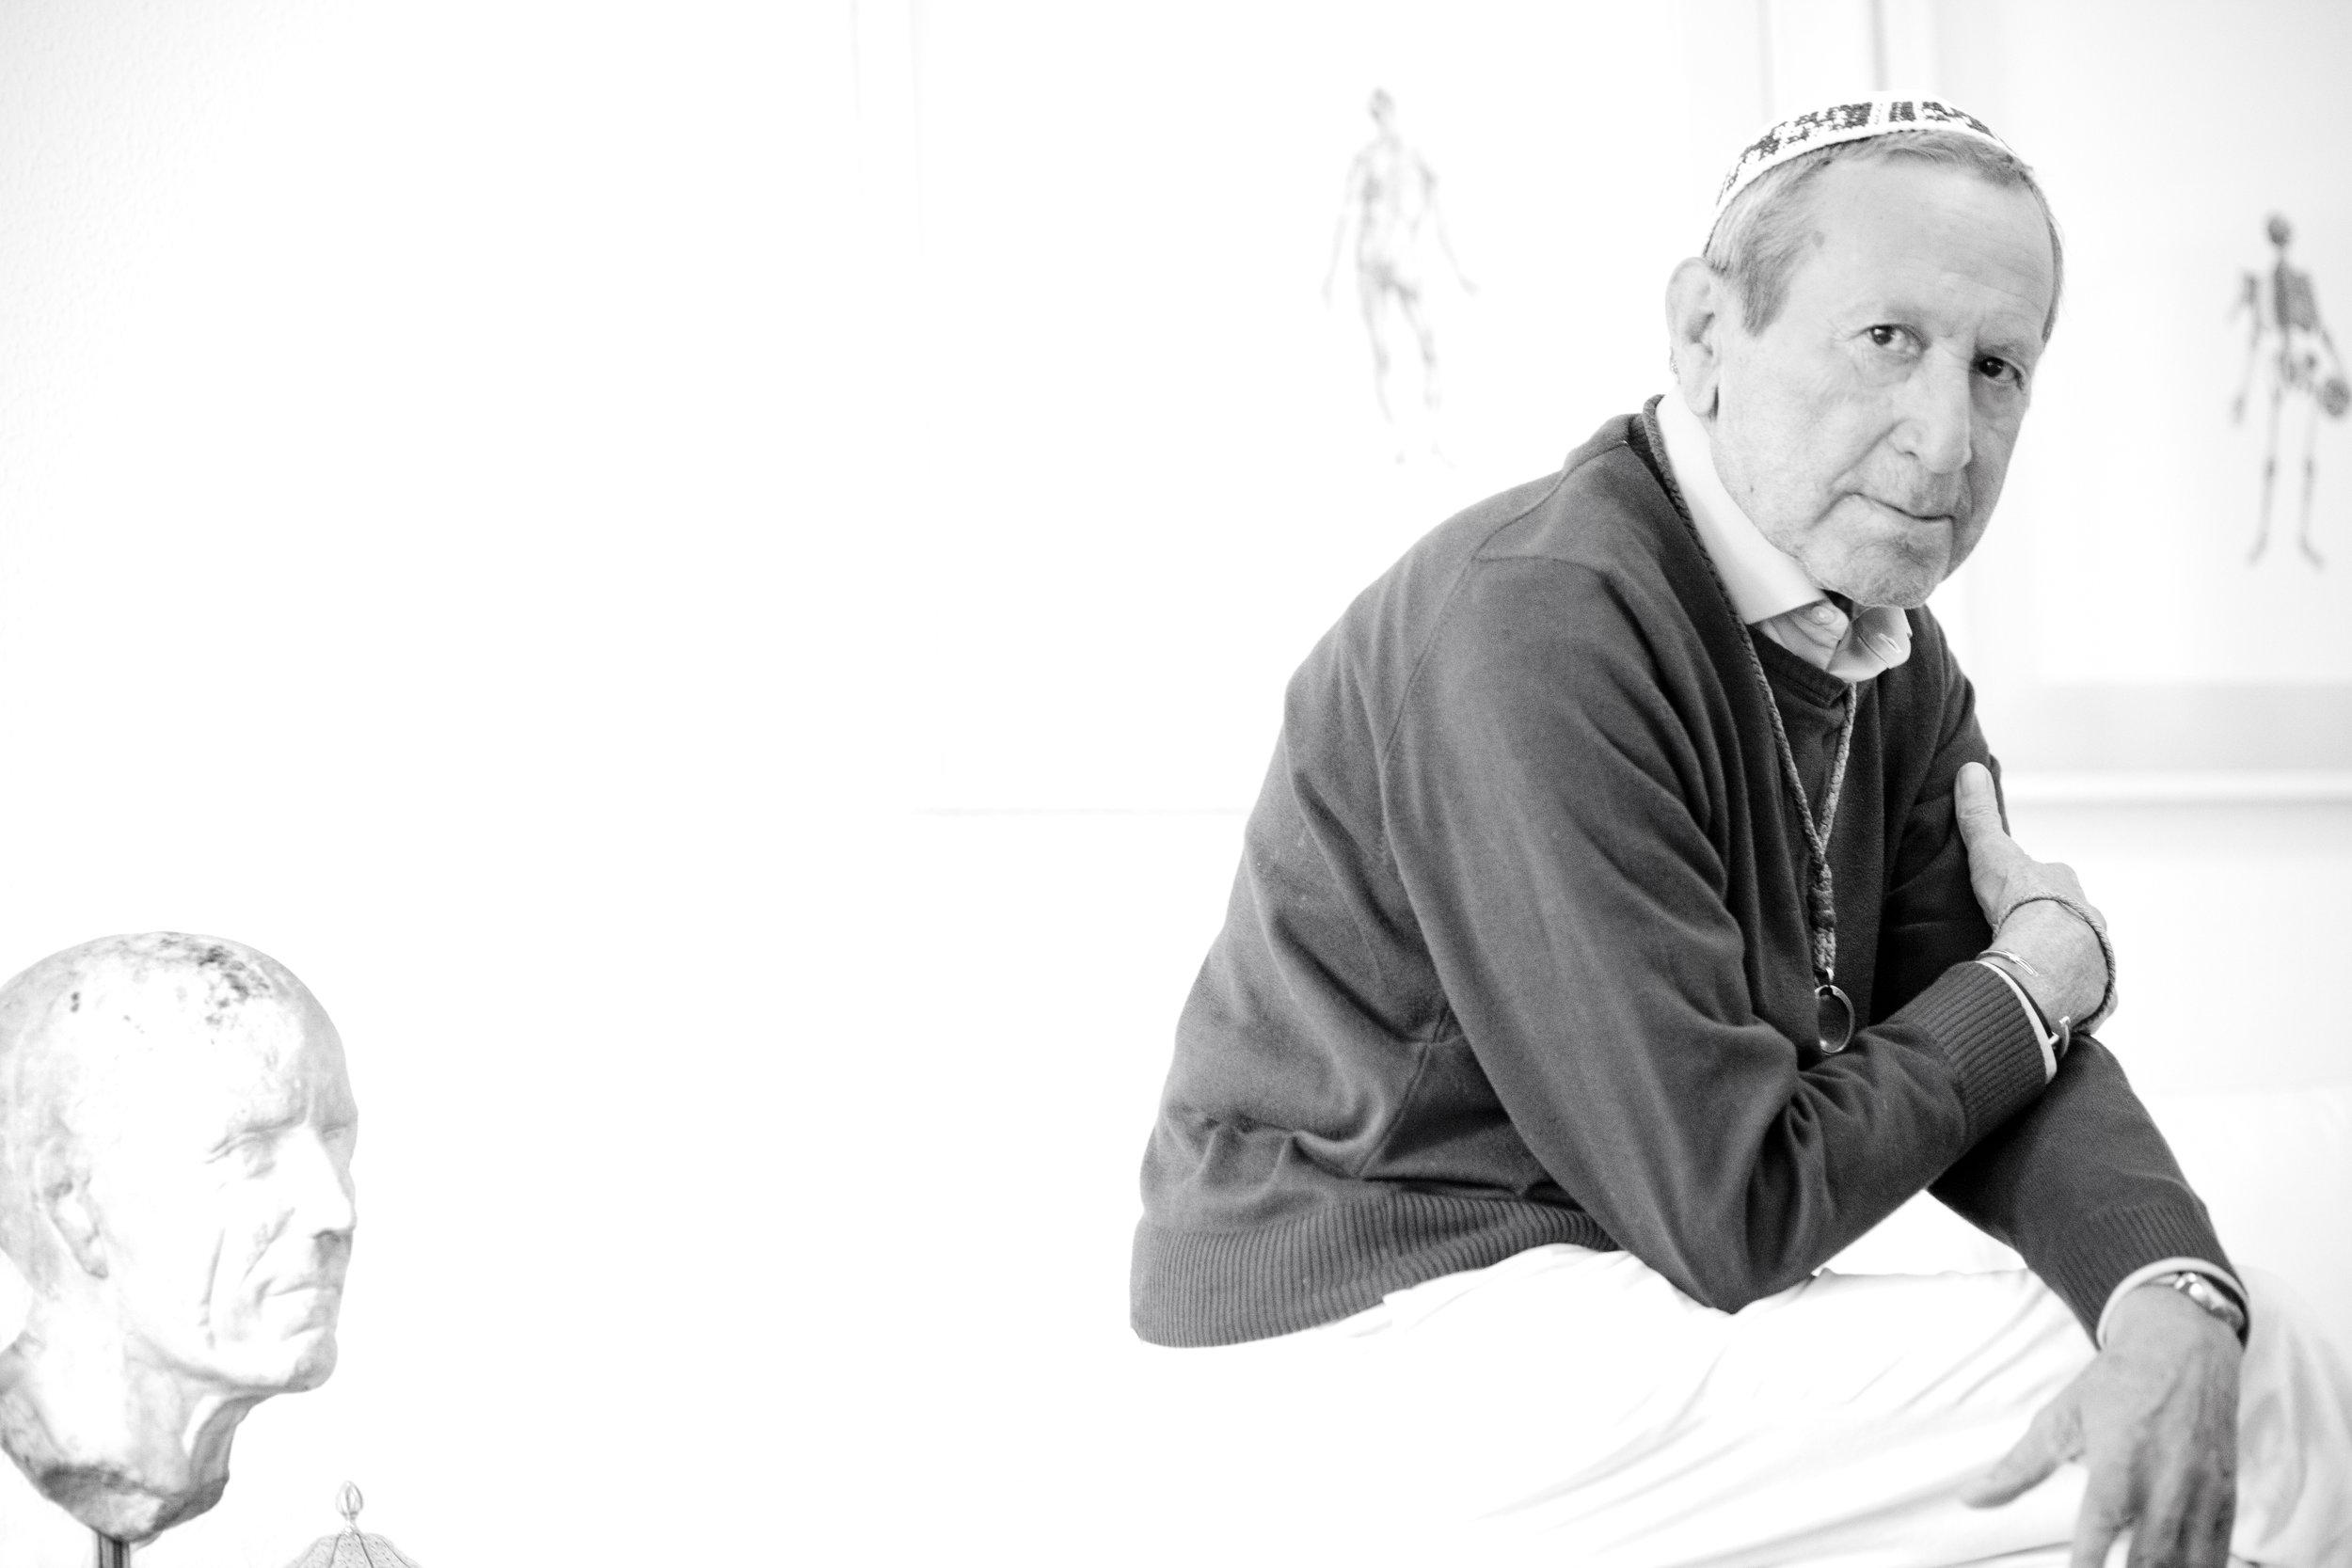 En fotografía: Elio Berhanyer. Fotografía por Julieta E. de Zulueta para Pasarela de Asfalto  ®